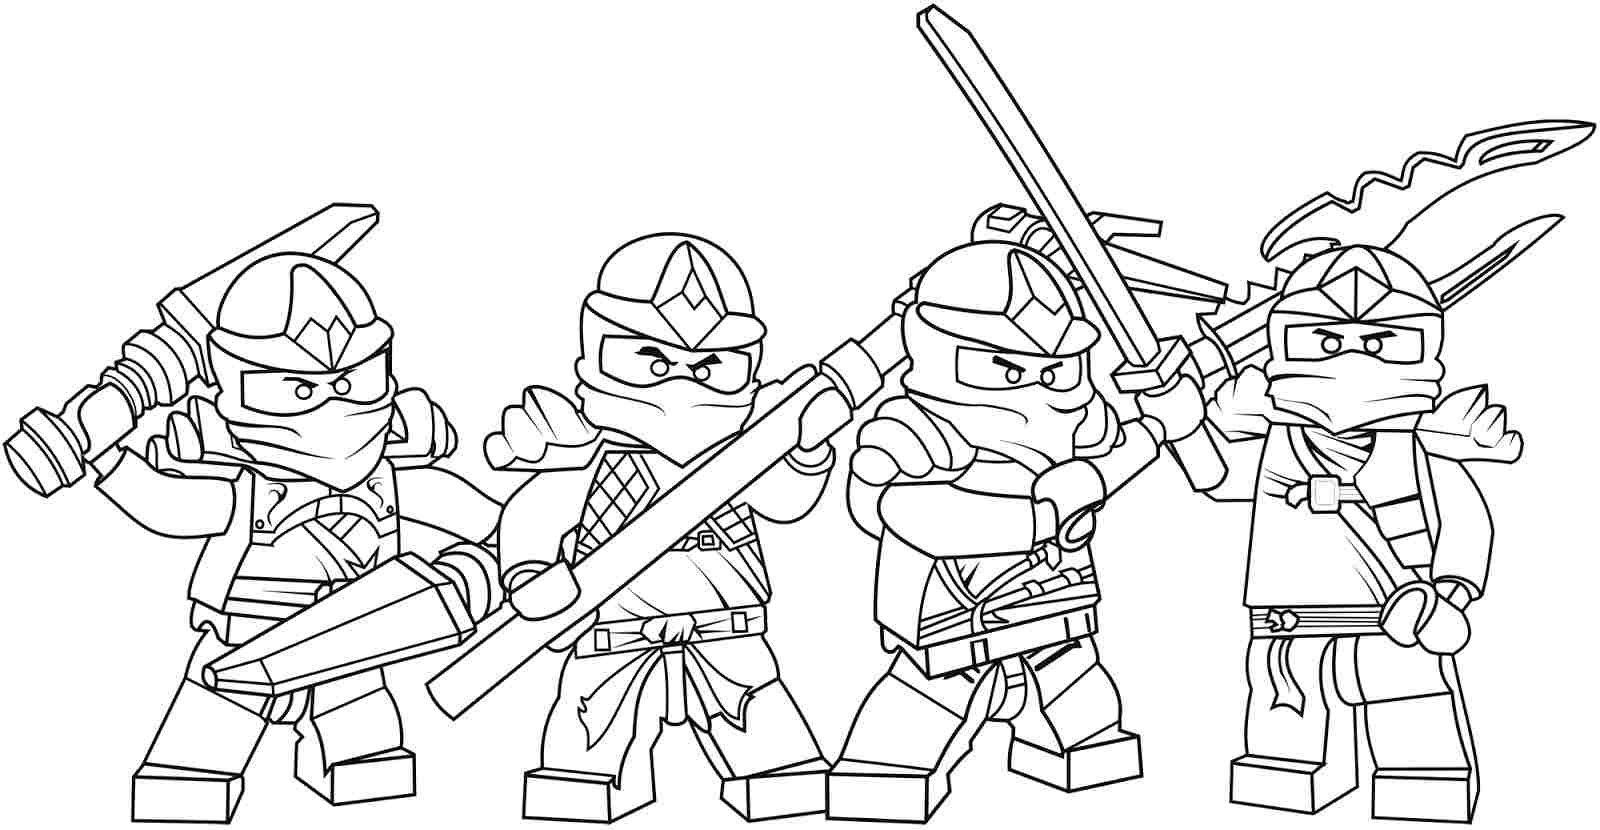 Coloring Pages For Boys Lego Ninjago Printable